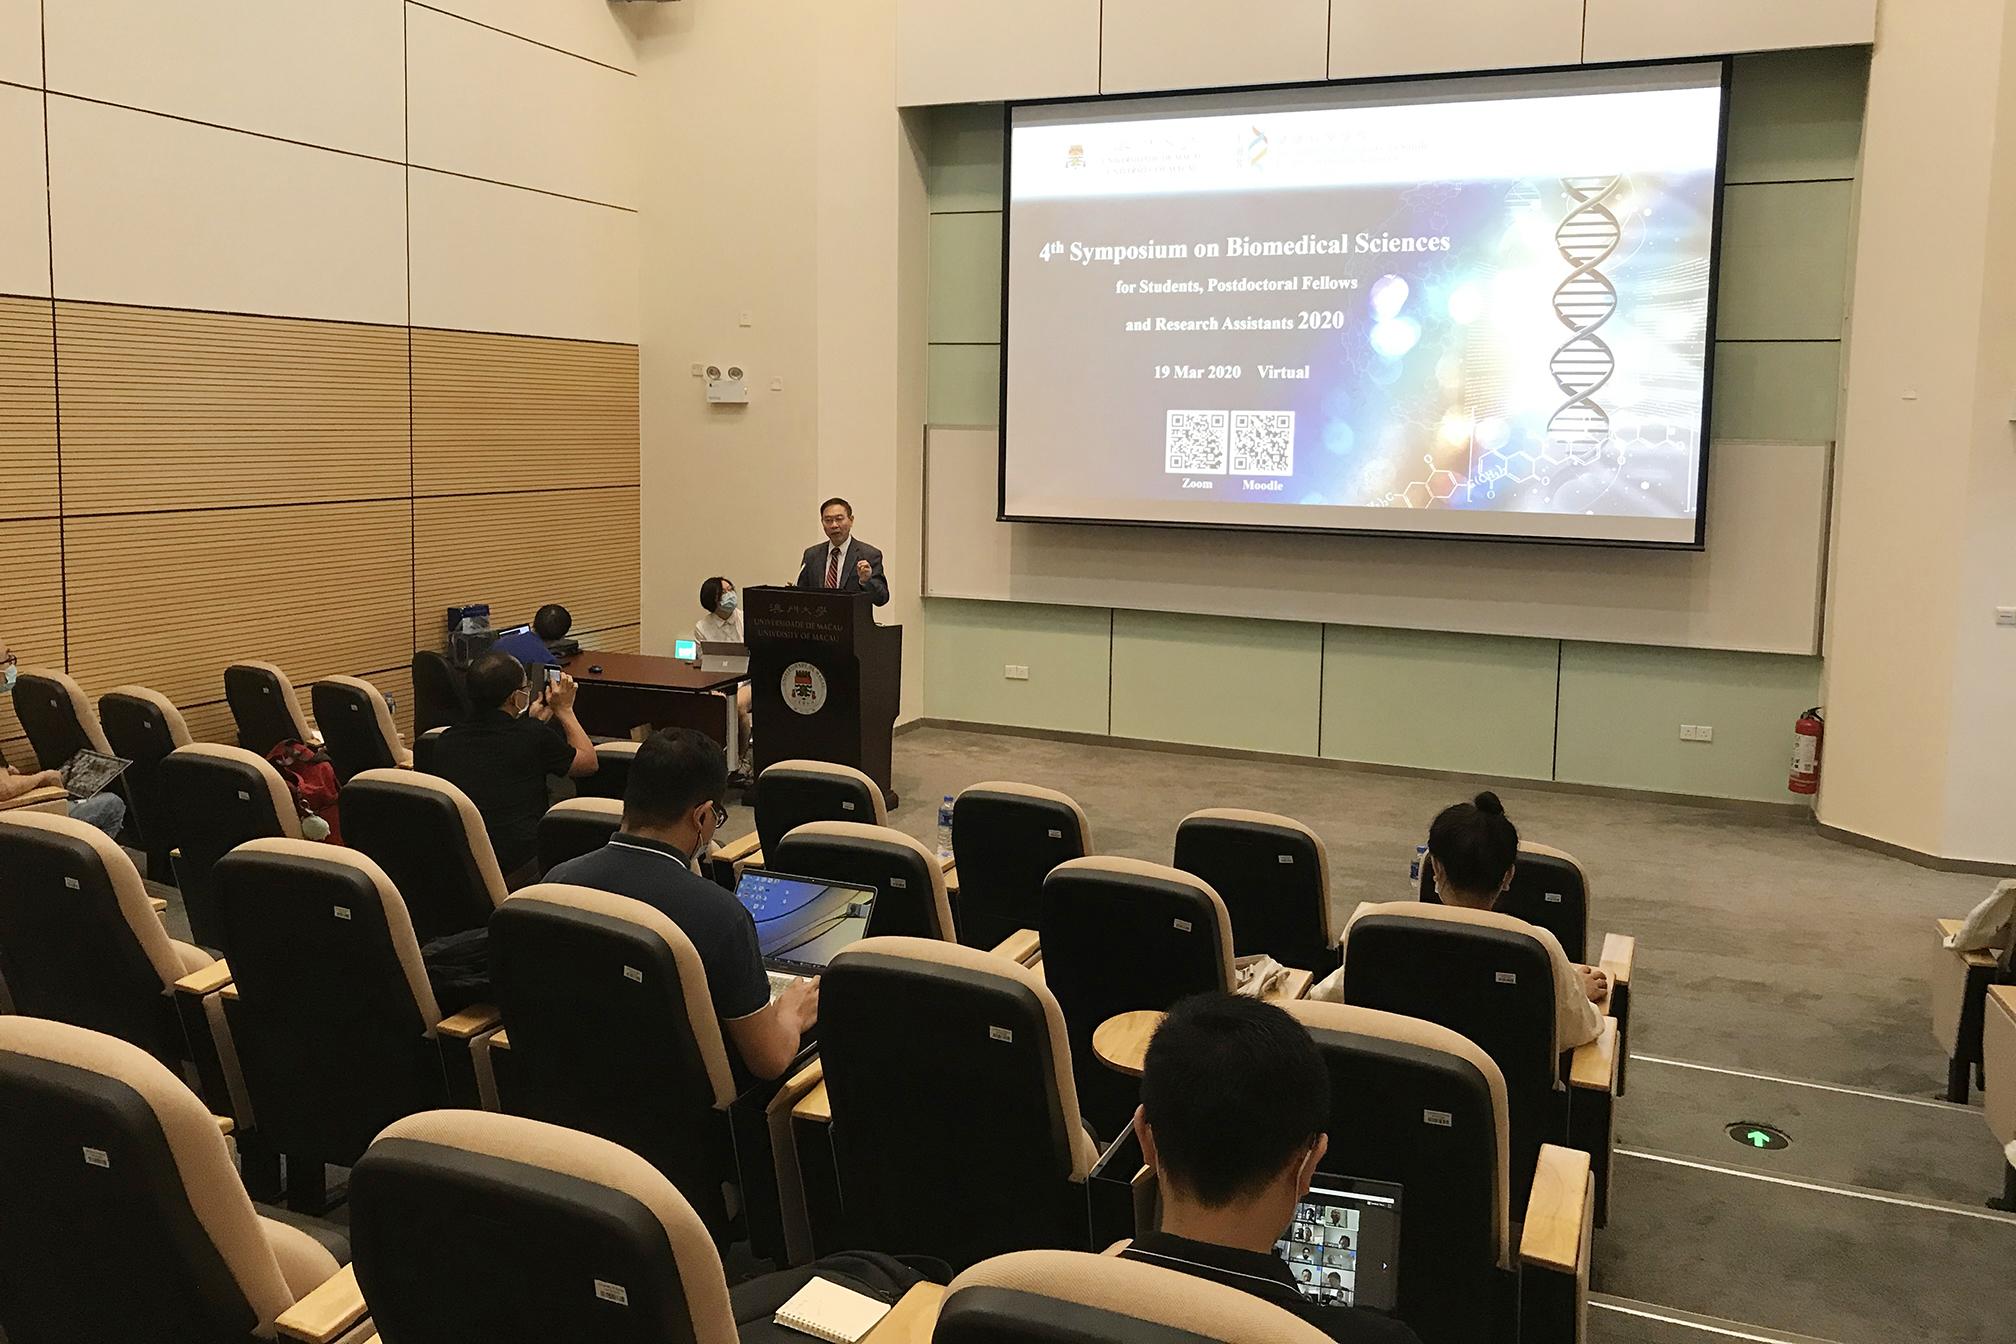 澳大舉行線上生物醫學研討會